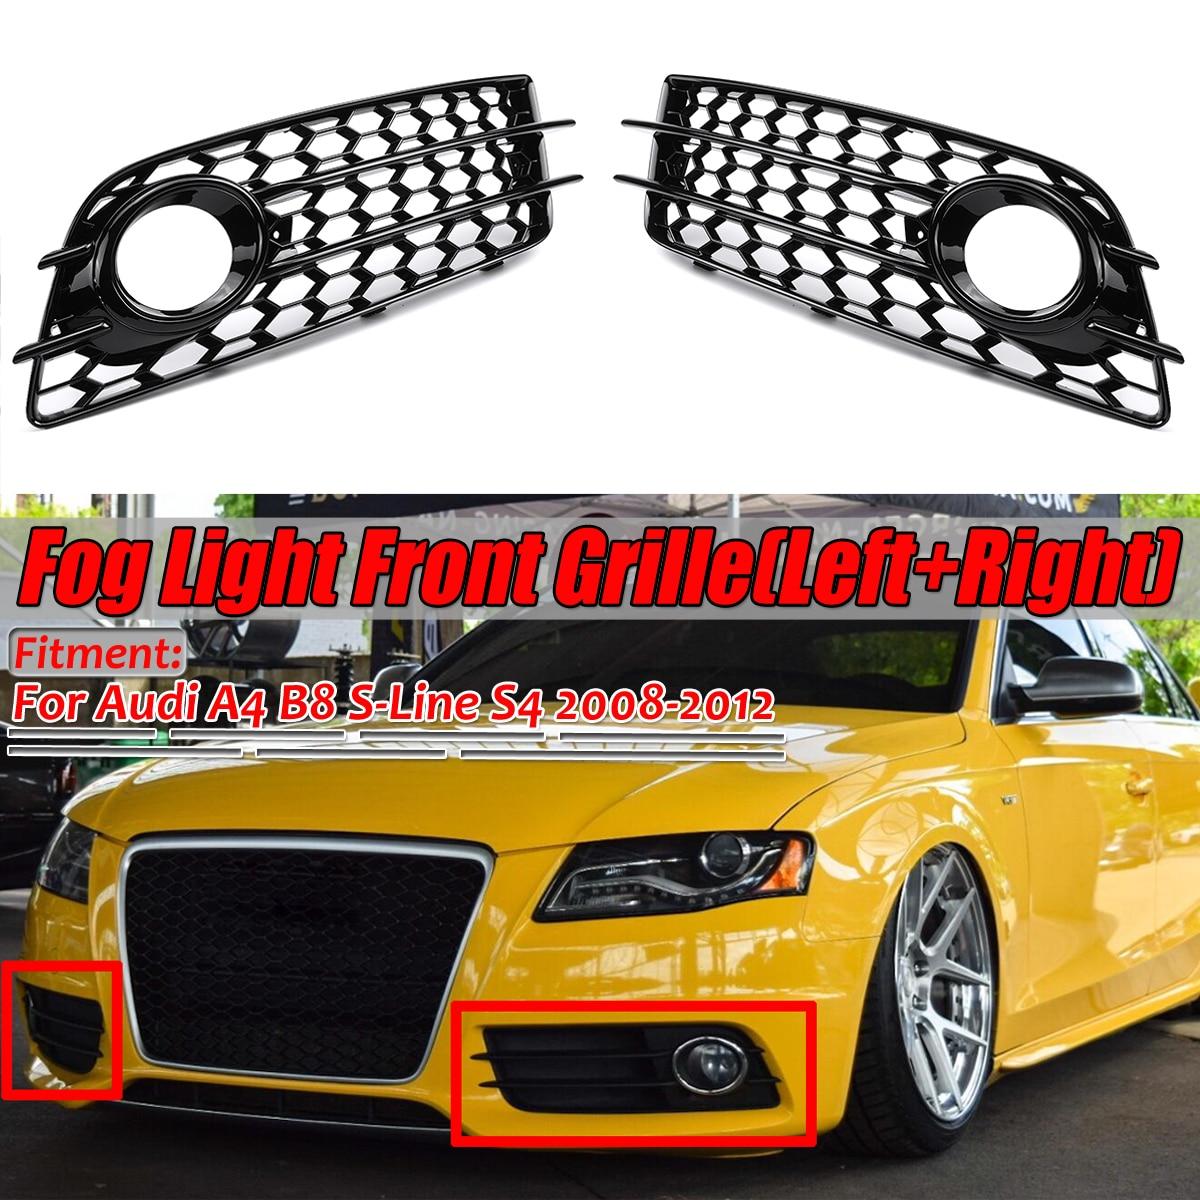 A4 B8 Черный Автомобильный противотуманный светильник решетка крышка лампы сотовая Шестигранная Передняя решетка гриль для Audi A4 B8 S-Line S4 2008 2009 2010 2011 2012